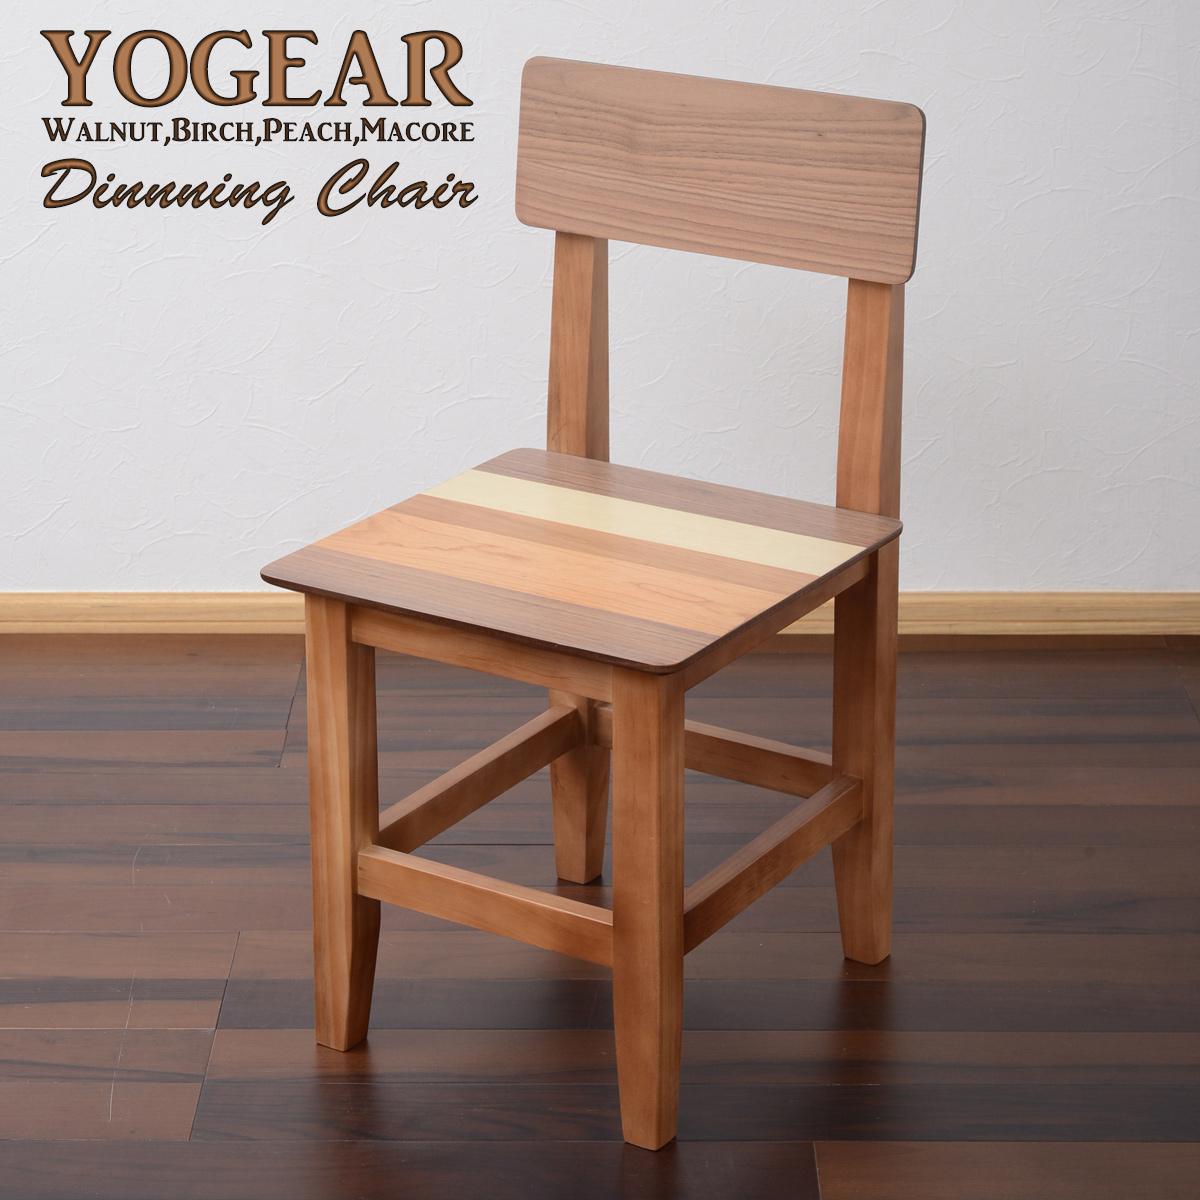 送料無料 ダイニングチェア単品 いす 椅子 食卓椅子 ダイニングチェア カフェ イス チェアー 木製 天然木 シンプル 北欧 テイスト 家具 おしゃれ ダイニング ウォールナット モダン